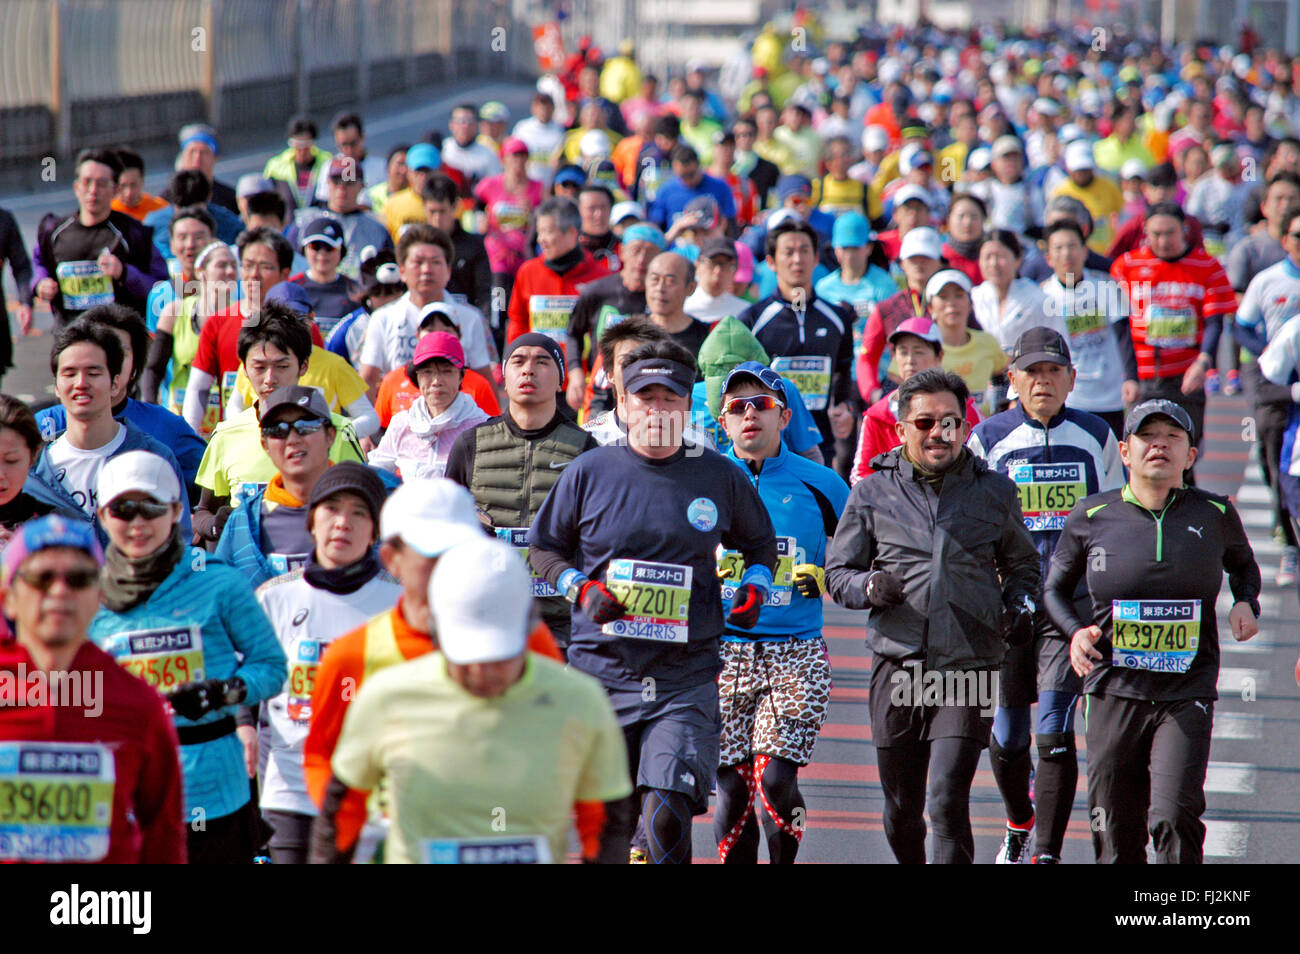 Tokio, Japón. 28 Feb, 2016. Una corona de corredores de Maratón de Tokio pasa de 43 km en el koto Ward, Imagen De Stock